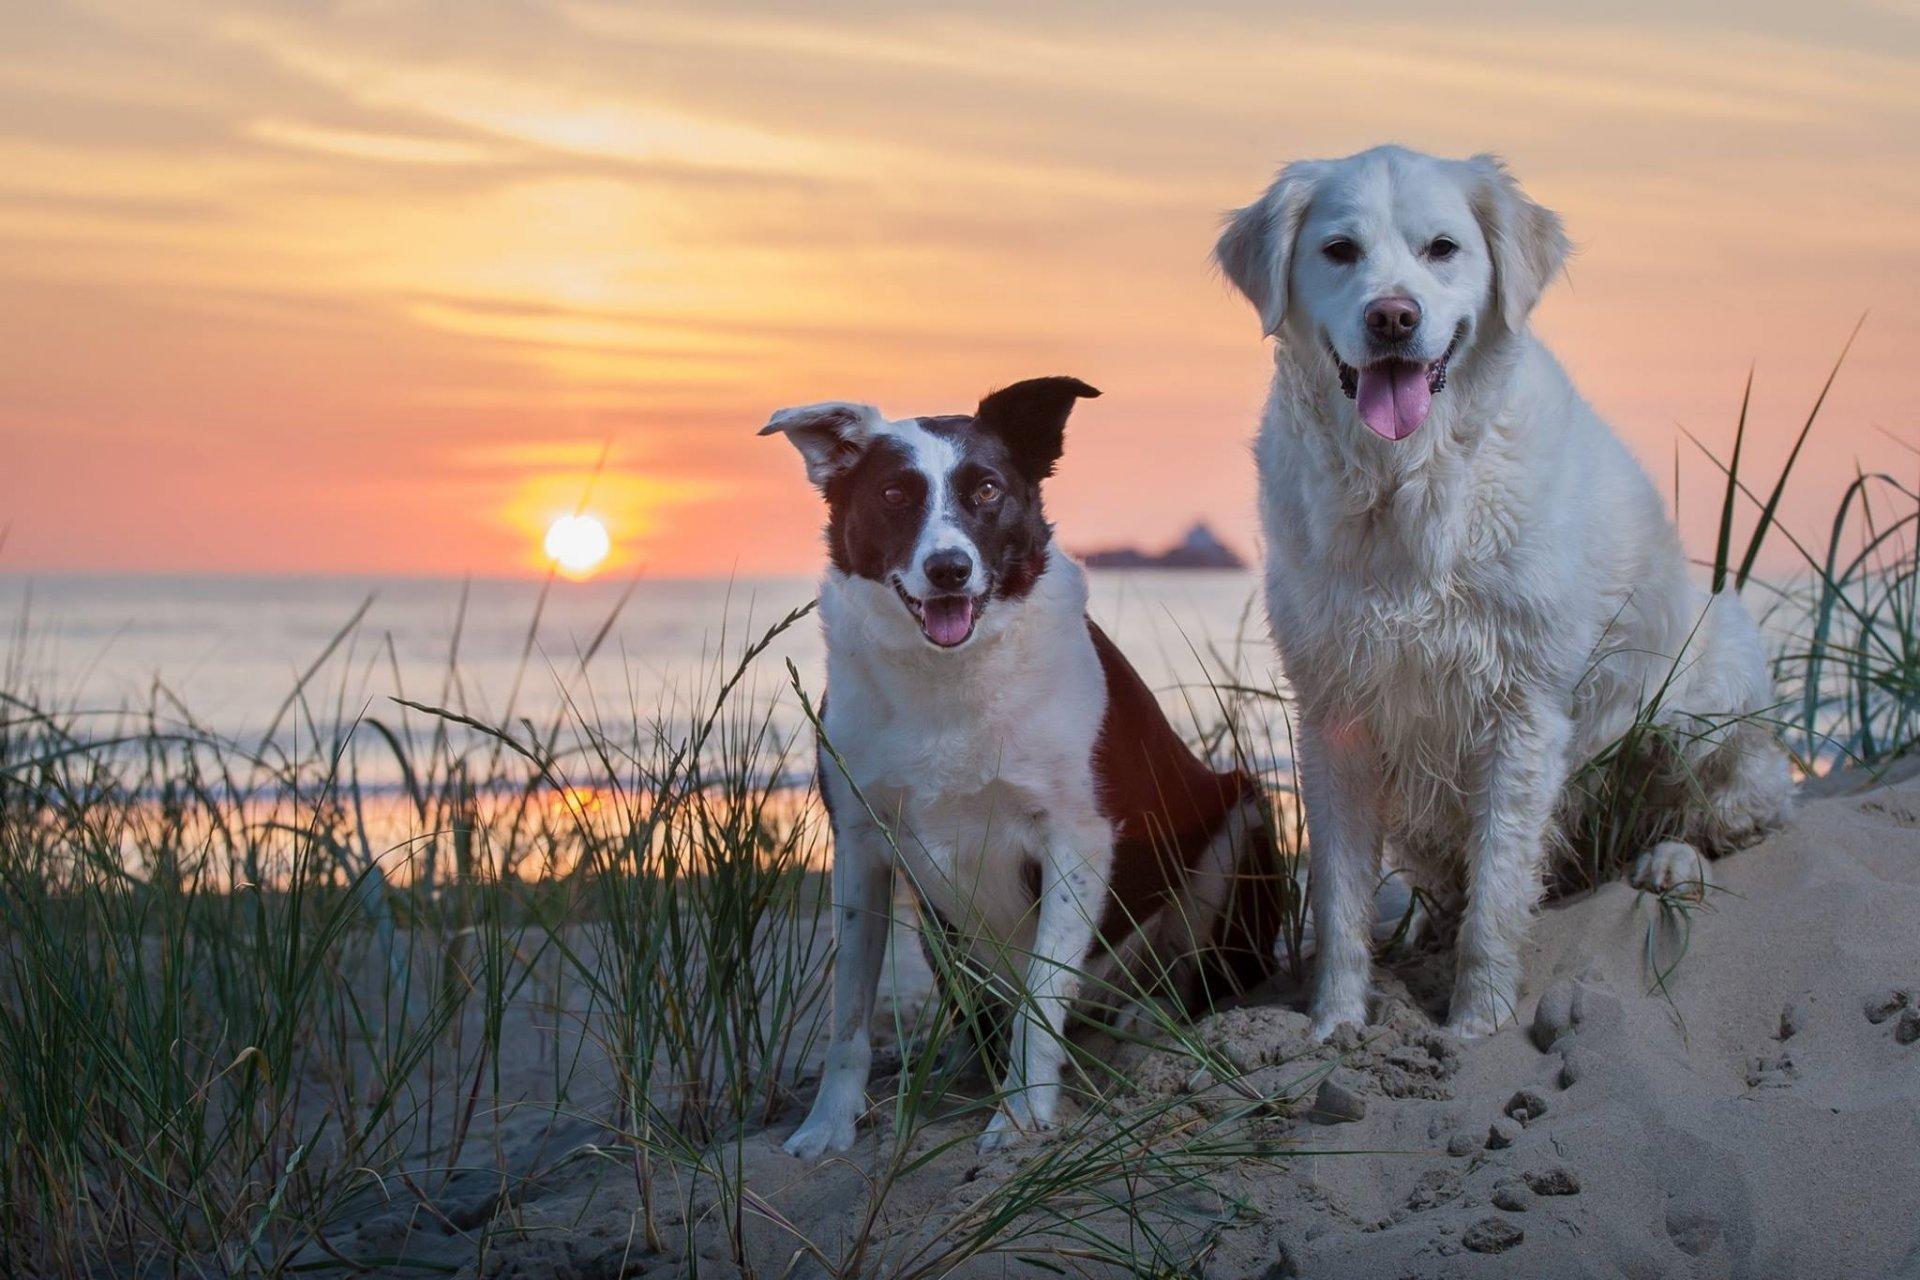 собака песок вода животное природа  № 956893 загрузить